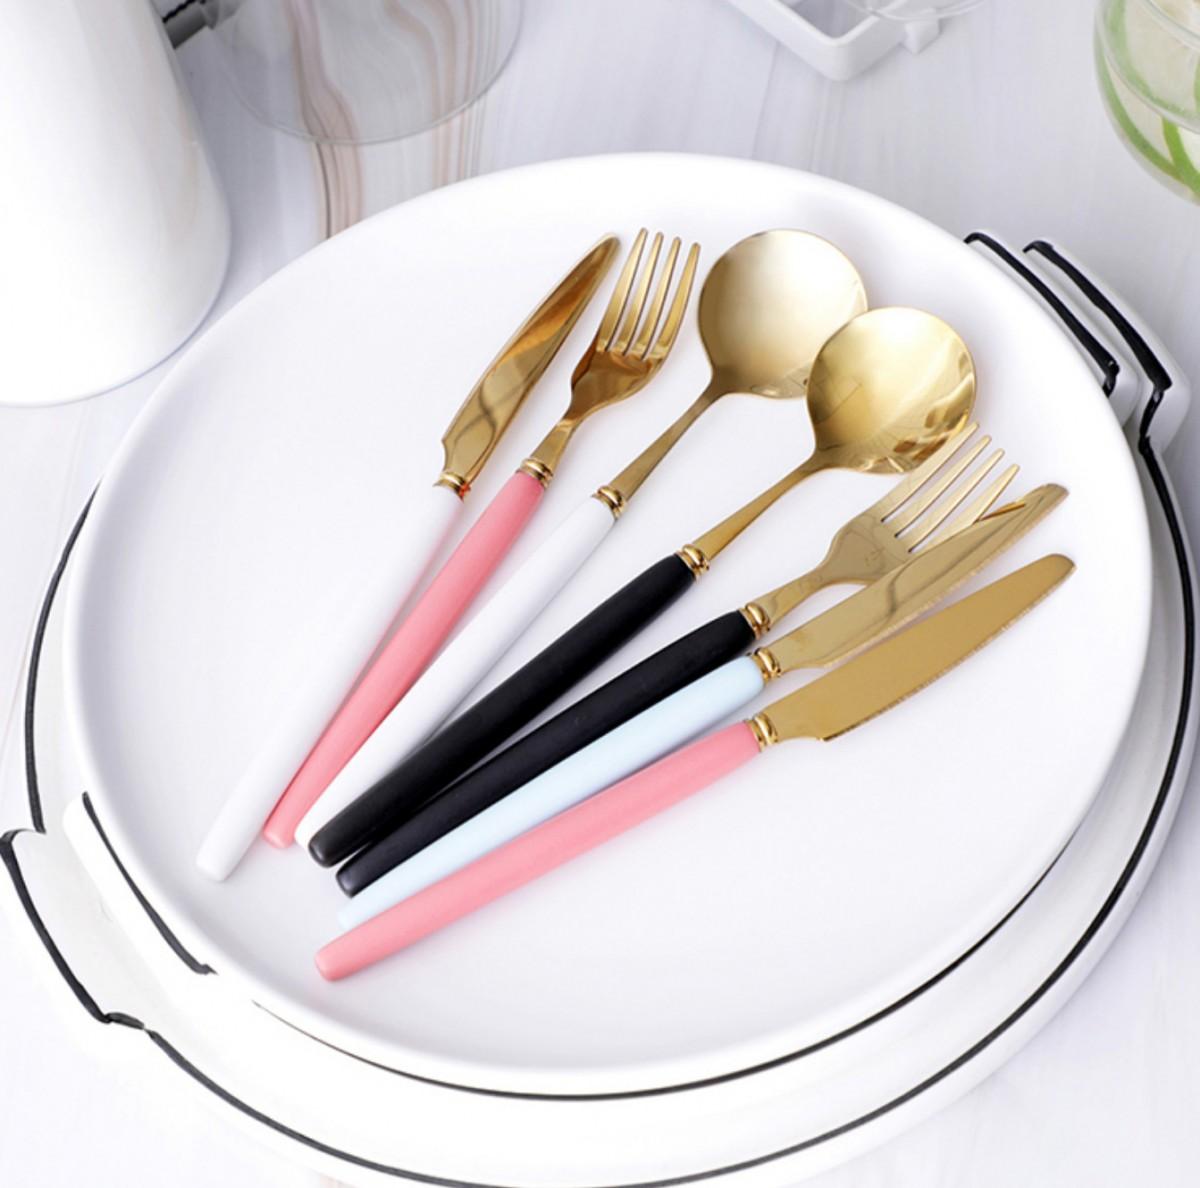 陶瓷手柄不鏽鋼餐具3入組\\湯匙\\叉子\\叉子\\湯勺\\刀子\\西餐刀\\littlemore-共4色-kt1010